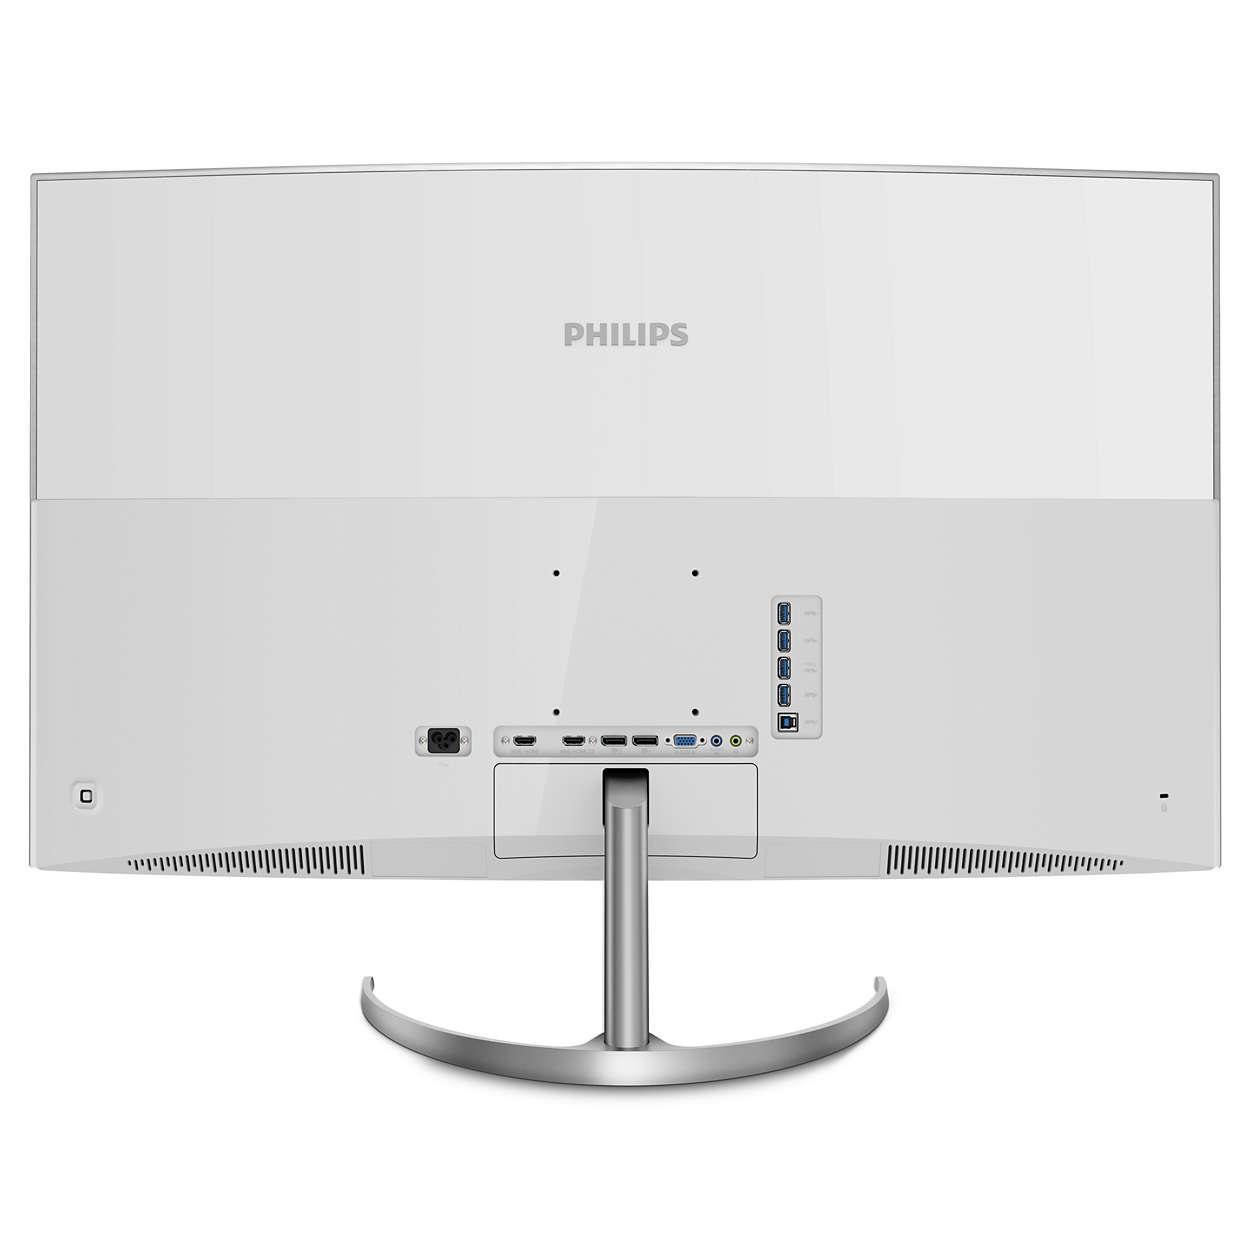 ef8d25b66 4K Ultra HD LCD displej s funkcí MultiView BDM4037UW/00 | Philips